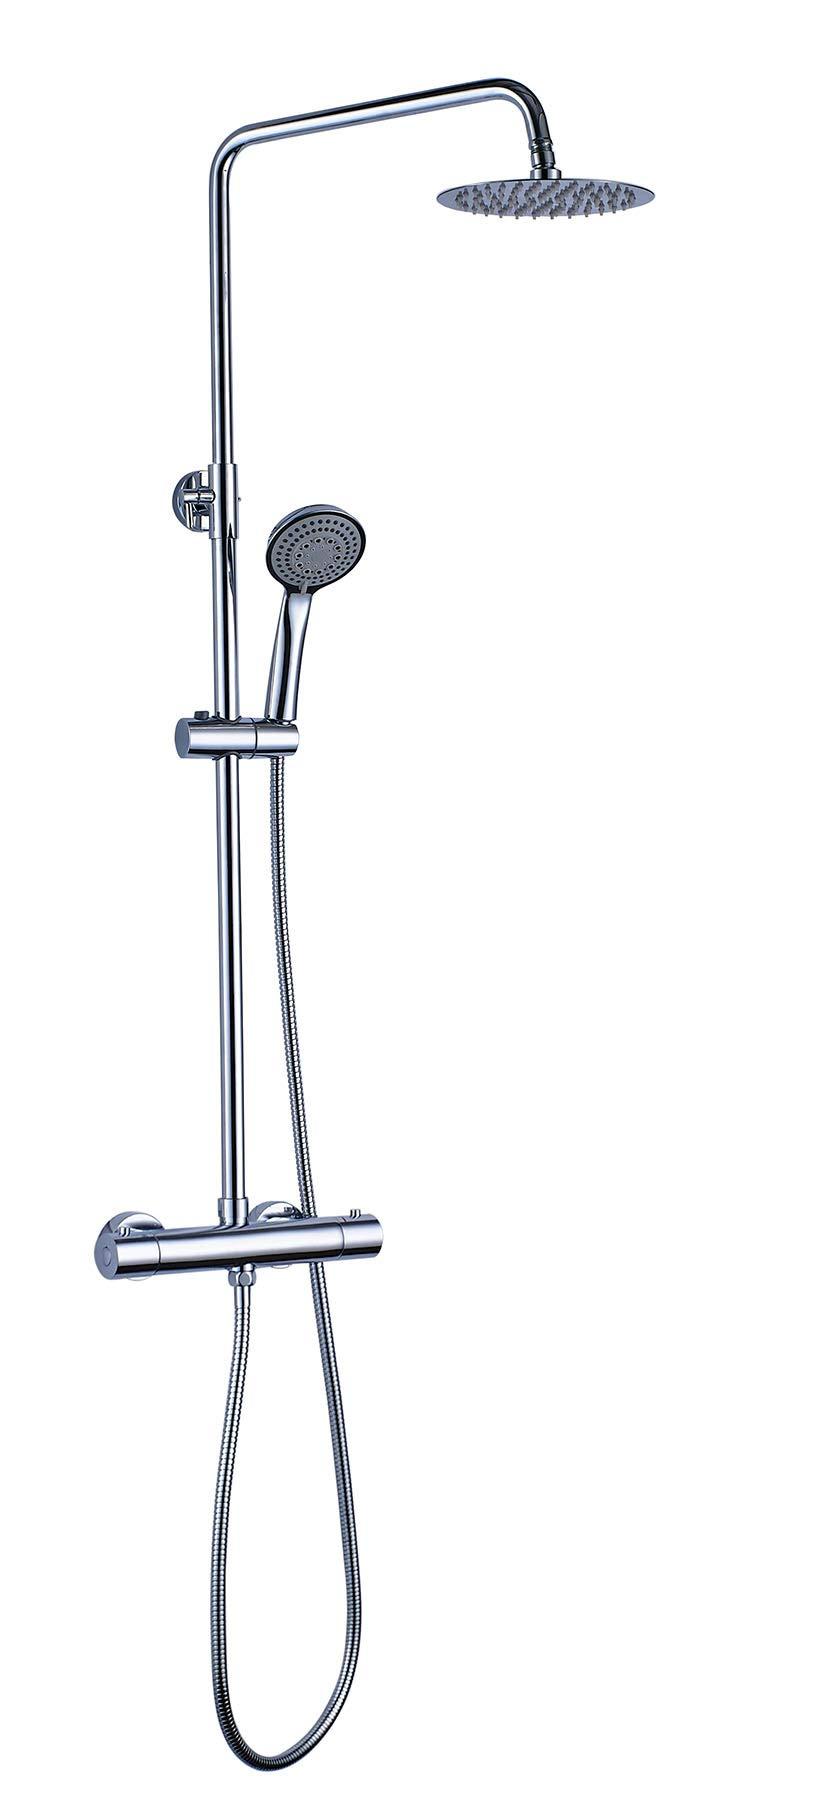 OXEN 121574 – Columna de ducha redonda con termostática (extra larga)